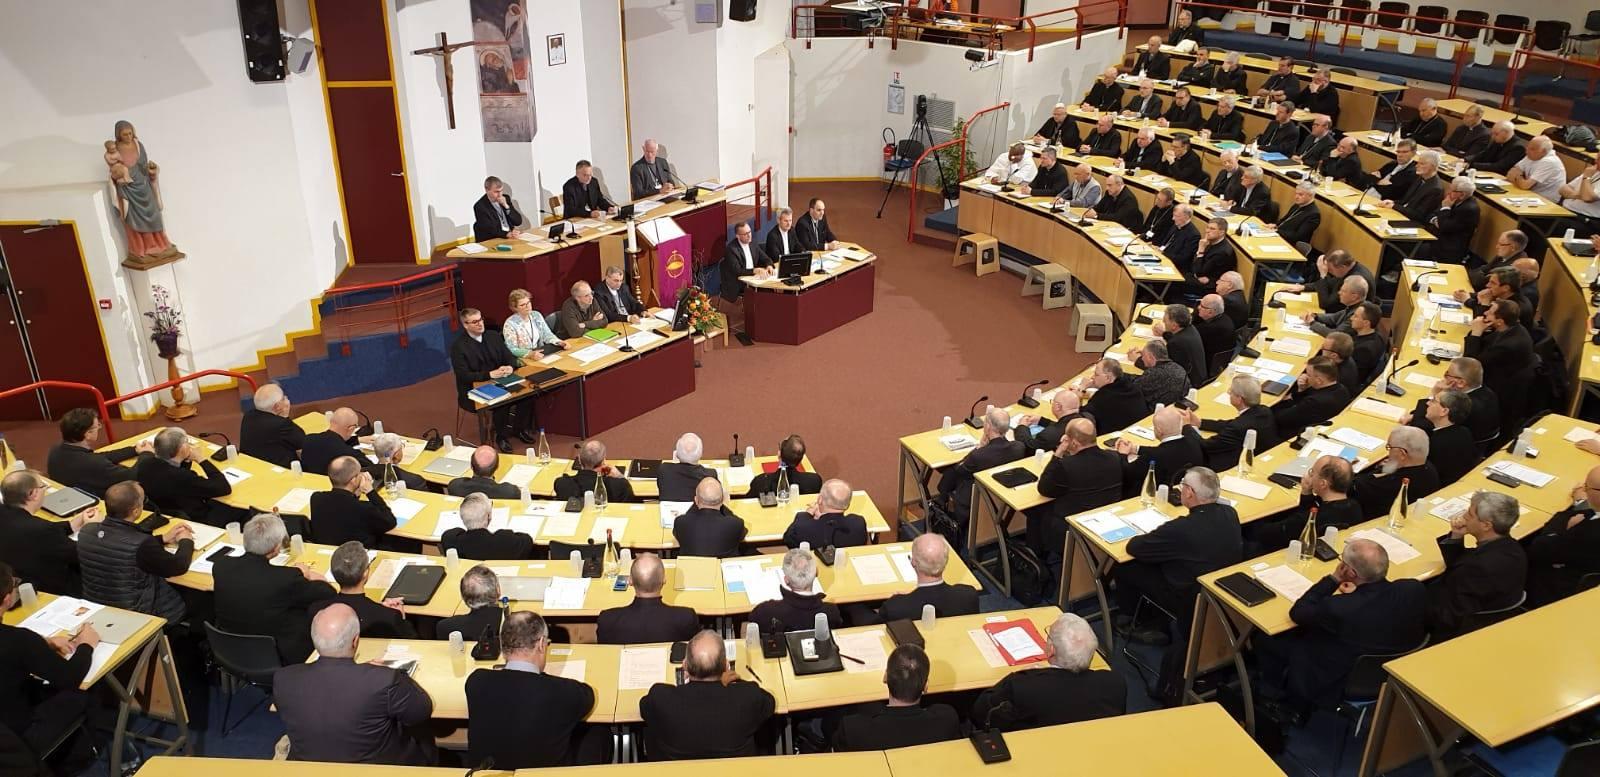 hémicycle assemblée plénière